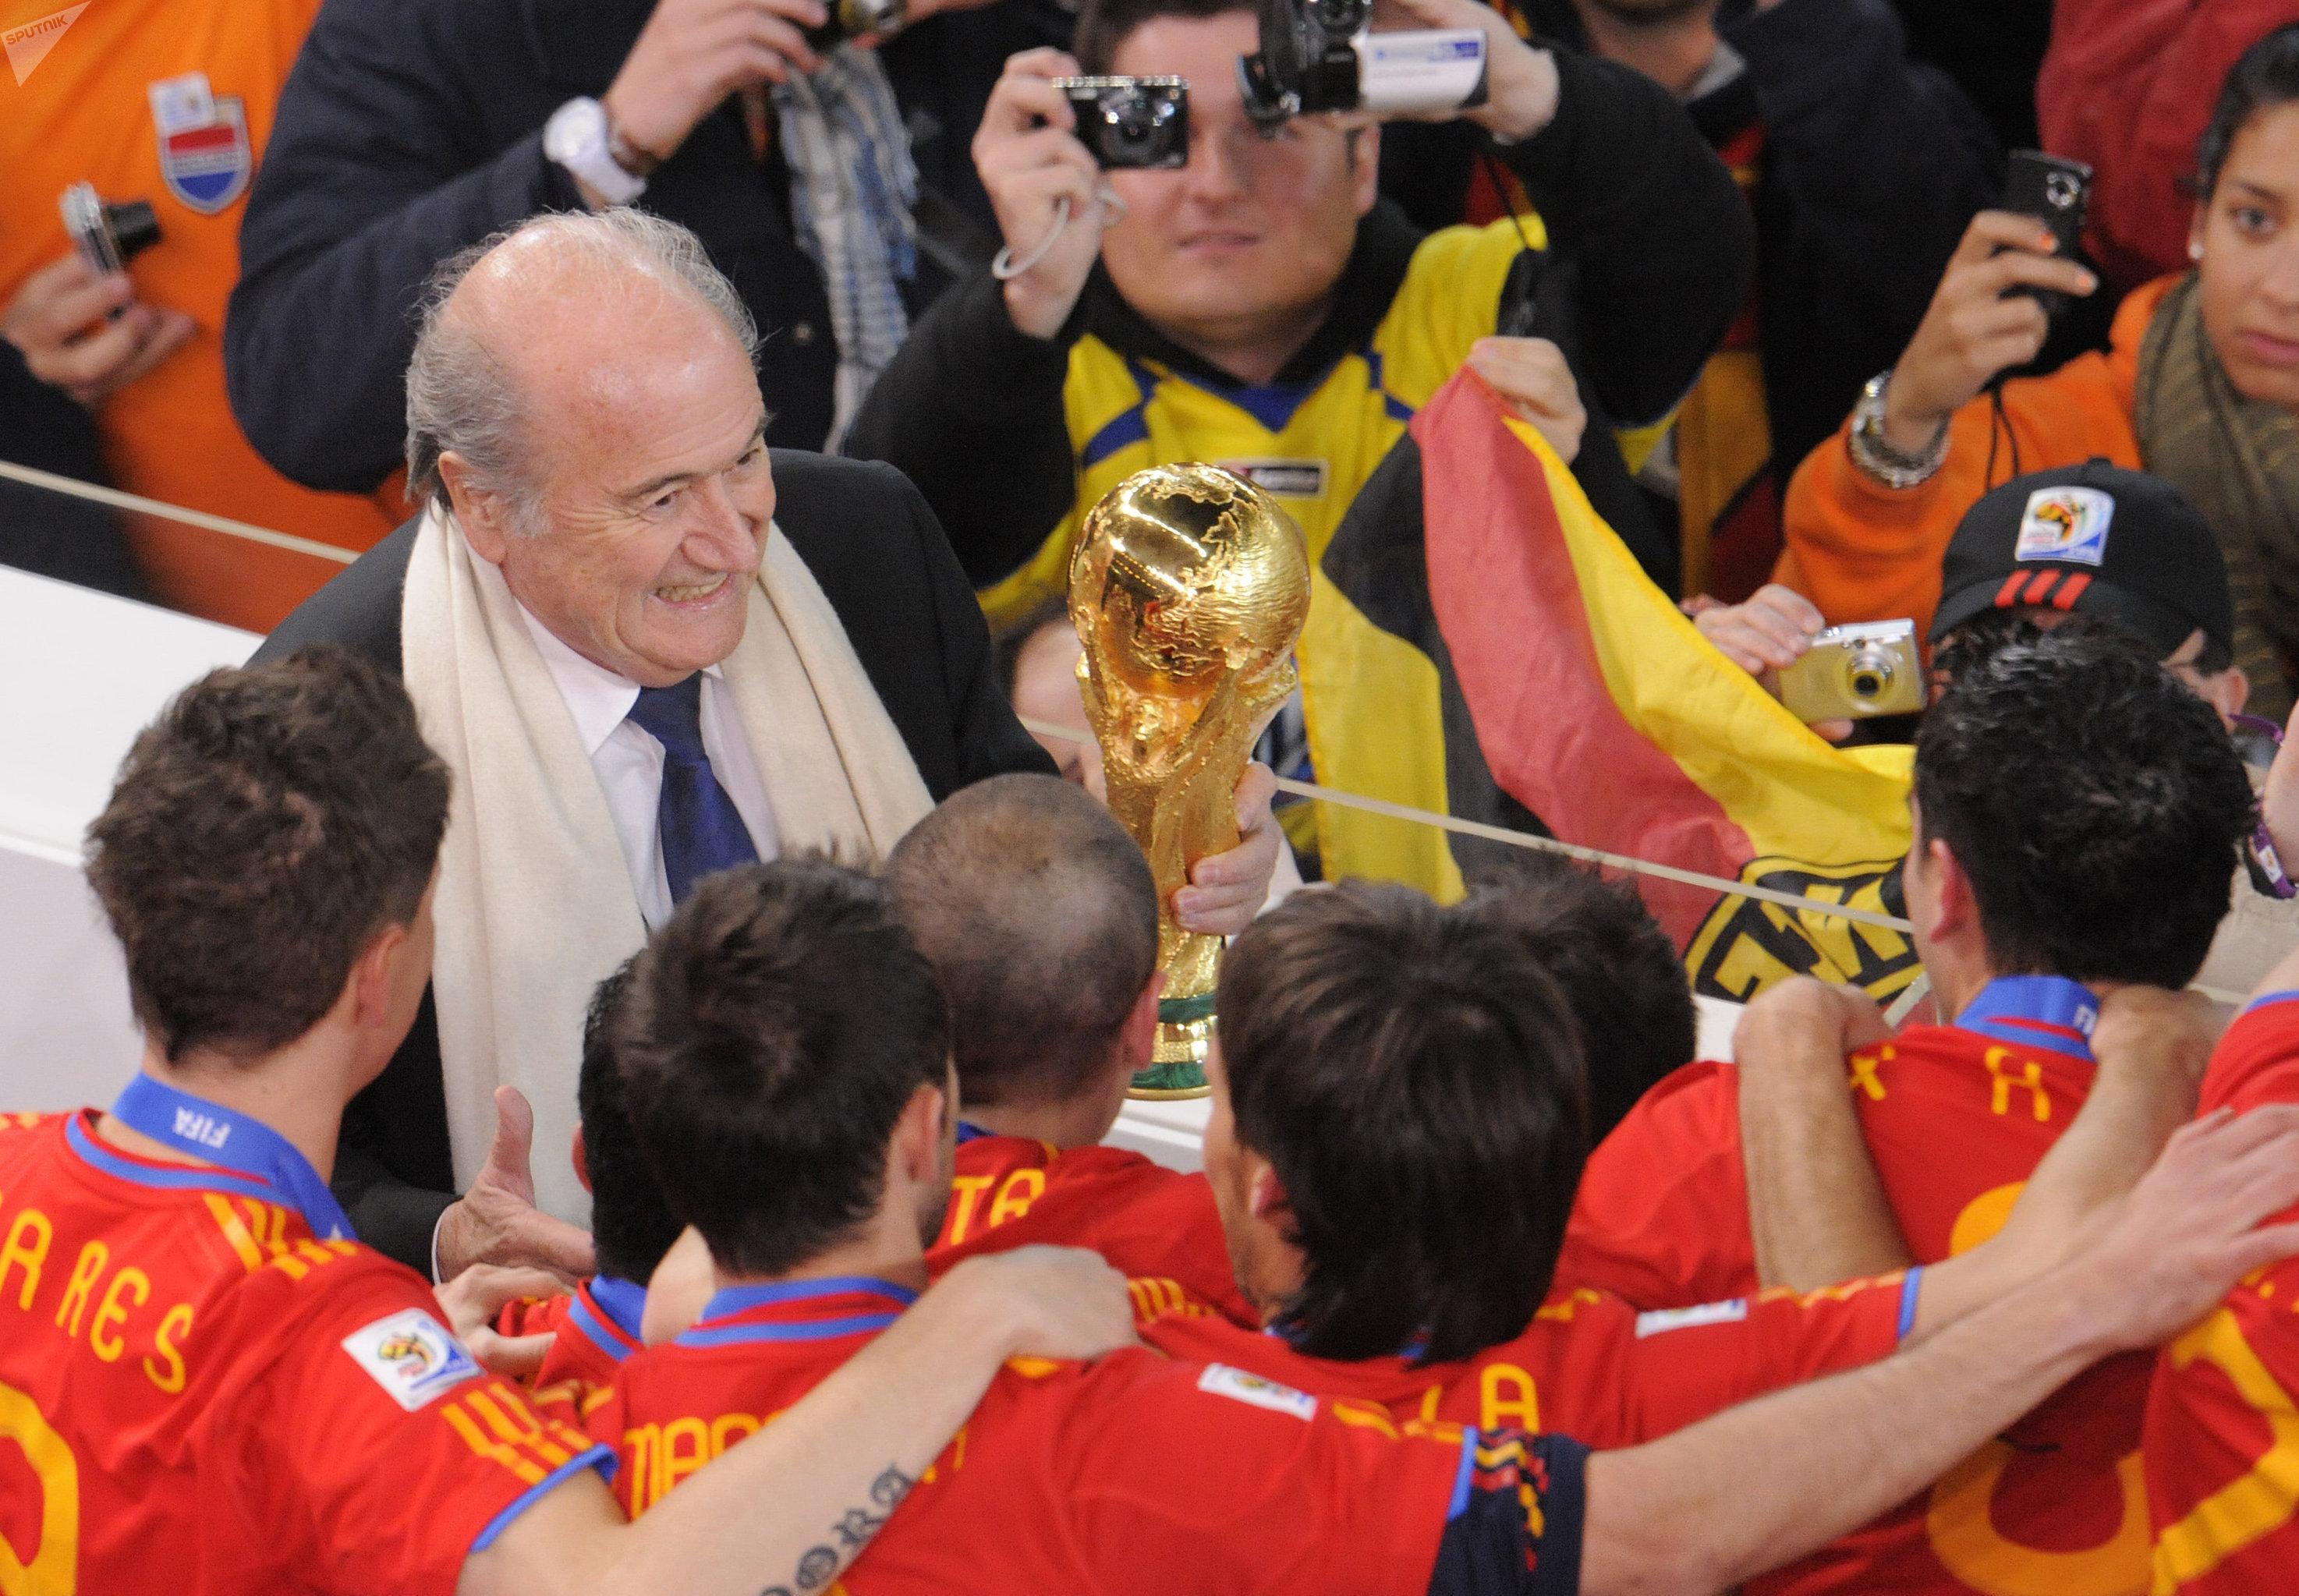 Президент ФИФА Зепп Блаттер вручает Кубок мира по футболу триумфаторам турнира в ЮАР – национальной команде Испании, победившей в финальном матче сборную Голландии